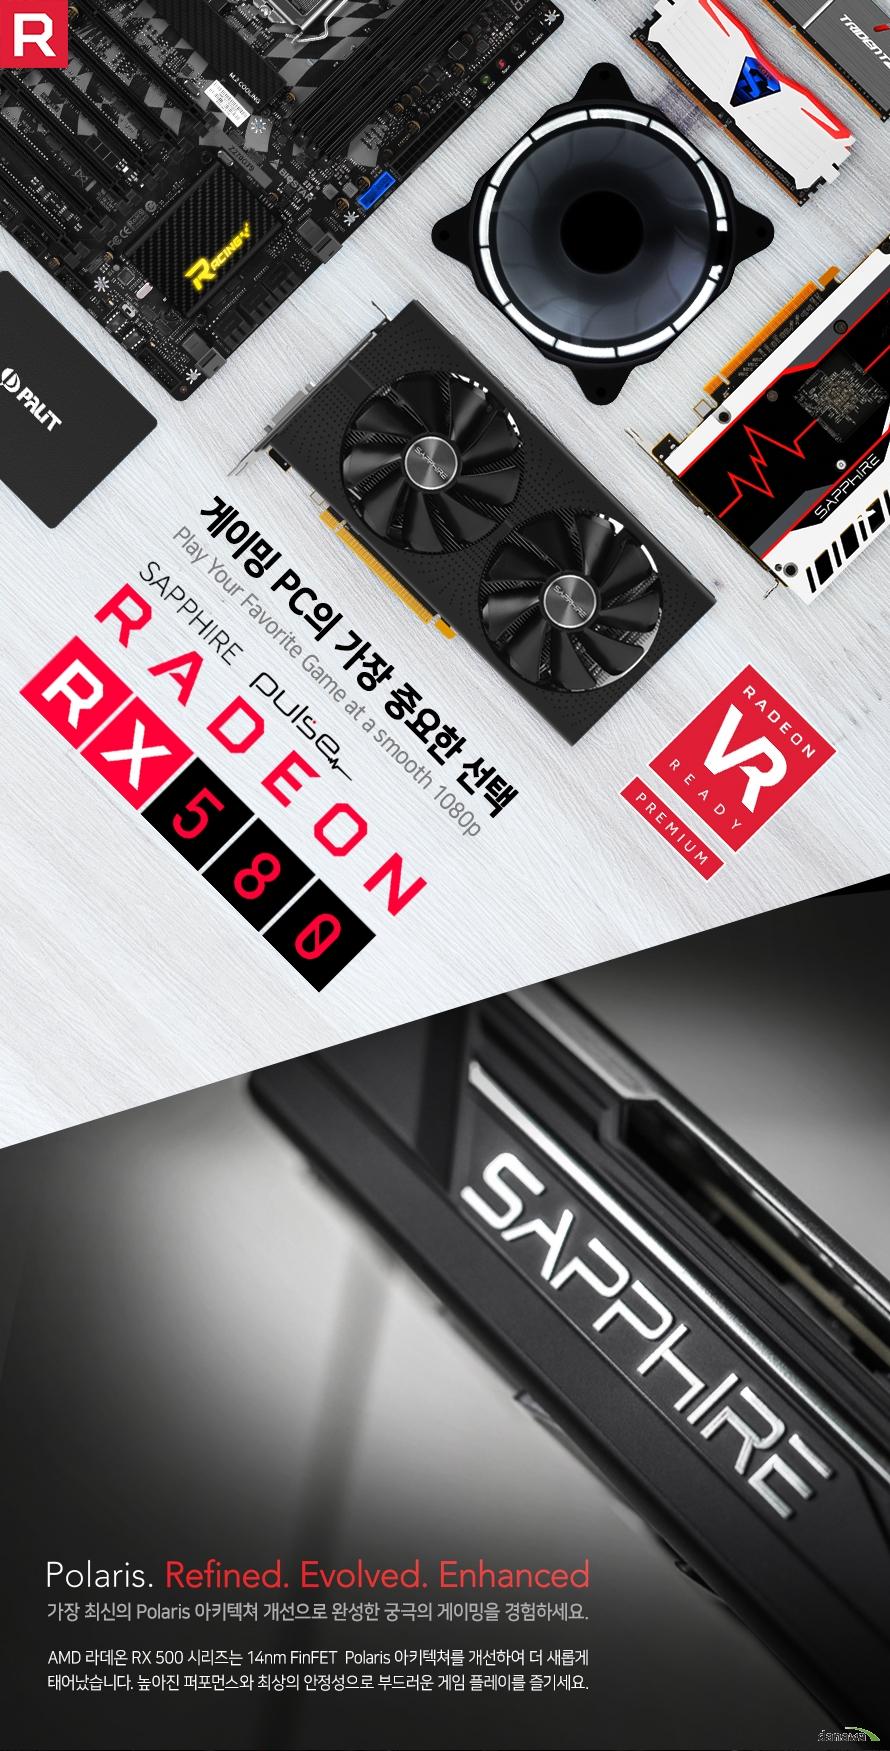 게이밍 피씨의 가장 중요한 선택        사파이어 라데온 RX580 듀얼 X 펄스        가장 최신의 폴라리스 아키텍처 개선으로 완성한 궁극의 게이밍을 경험하세요        AMD 라데온 RX 500 시리즈는 14나노미터 핀펫 폴라리스 아키텍처를 개선하여    더 새롭게 태어났습니다. 높아진 퍼포먼스와 최상의 안정성으로 부드러운    게임 플레이를 즐기세요